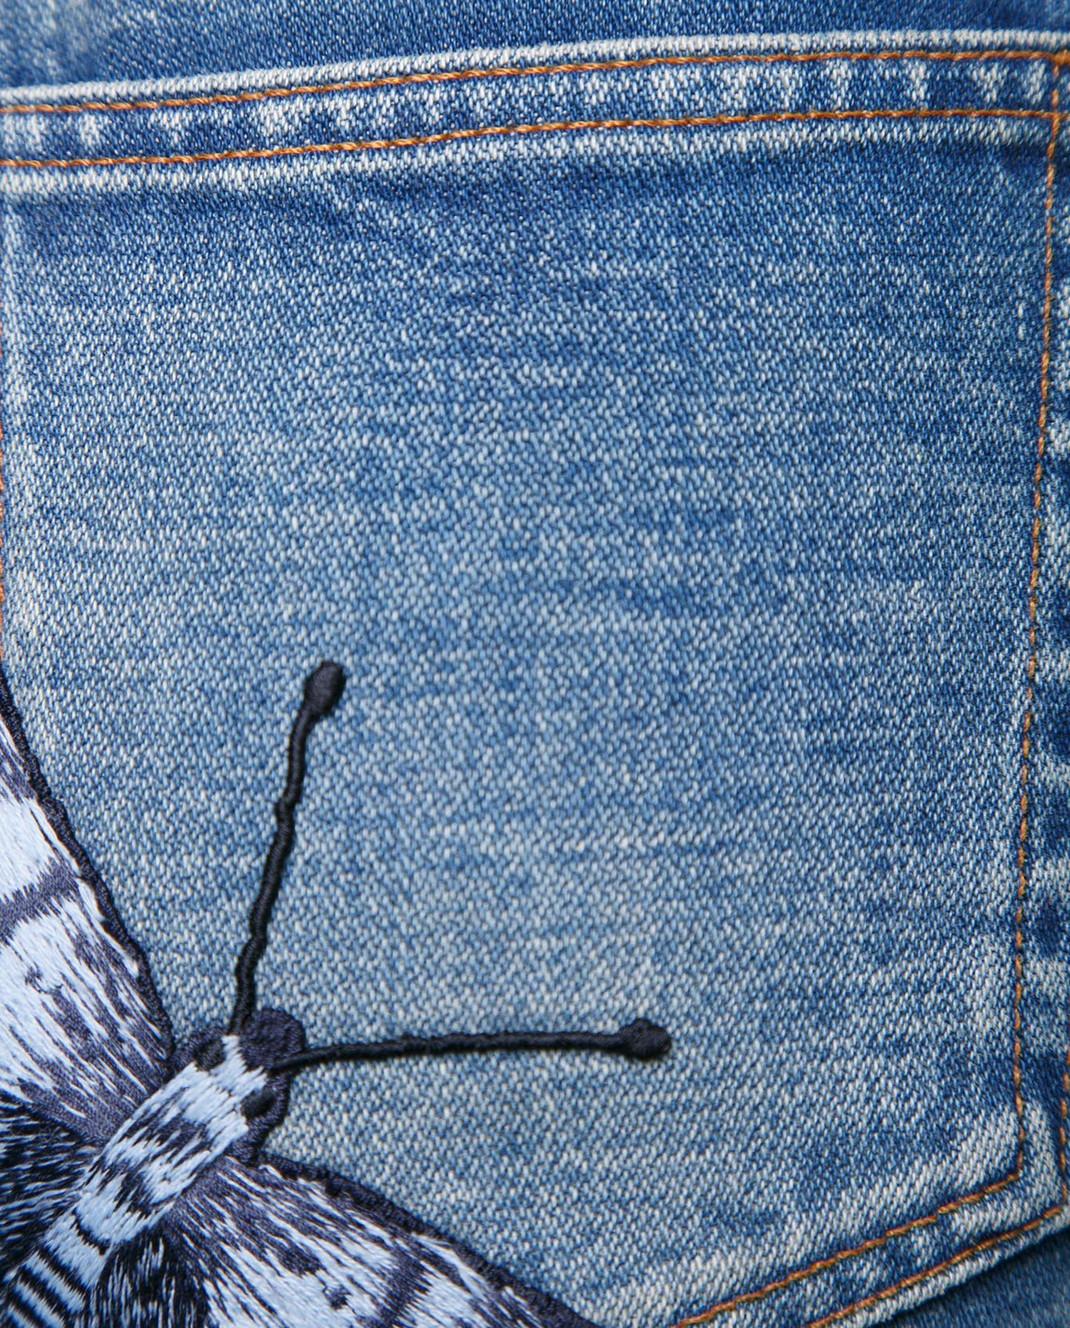 Gucci Синие джинсы с вышивкой 478020 изображение 3